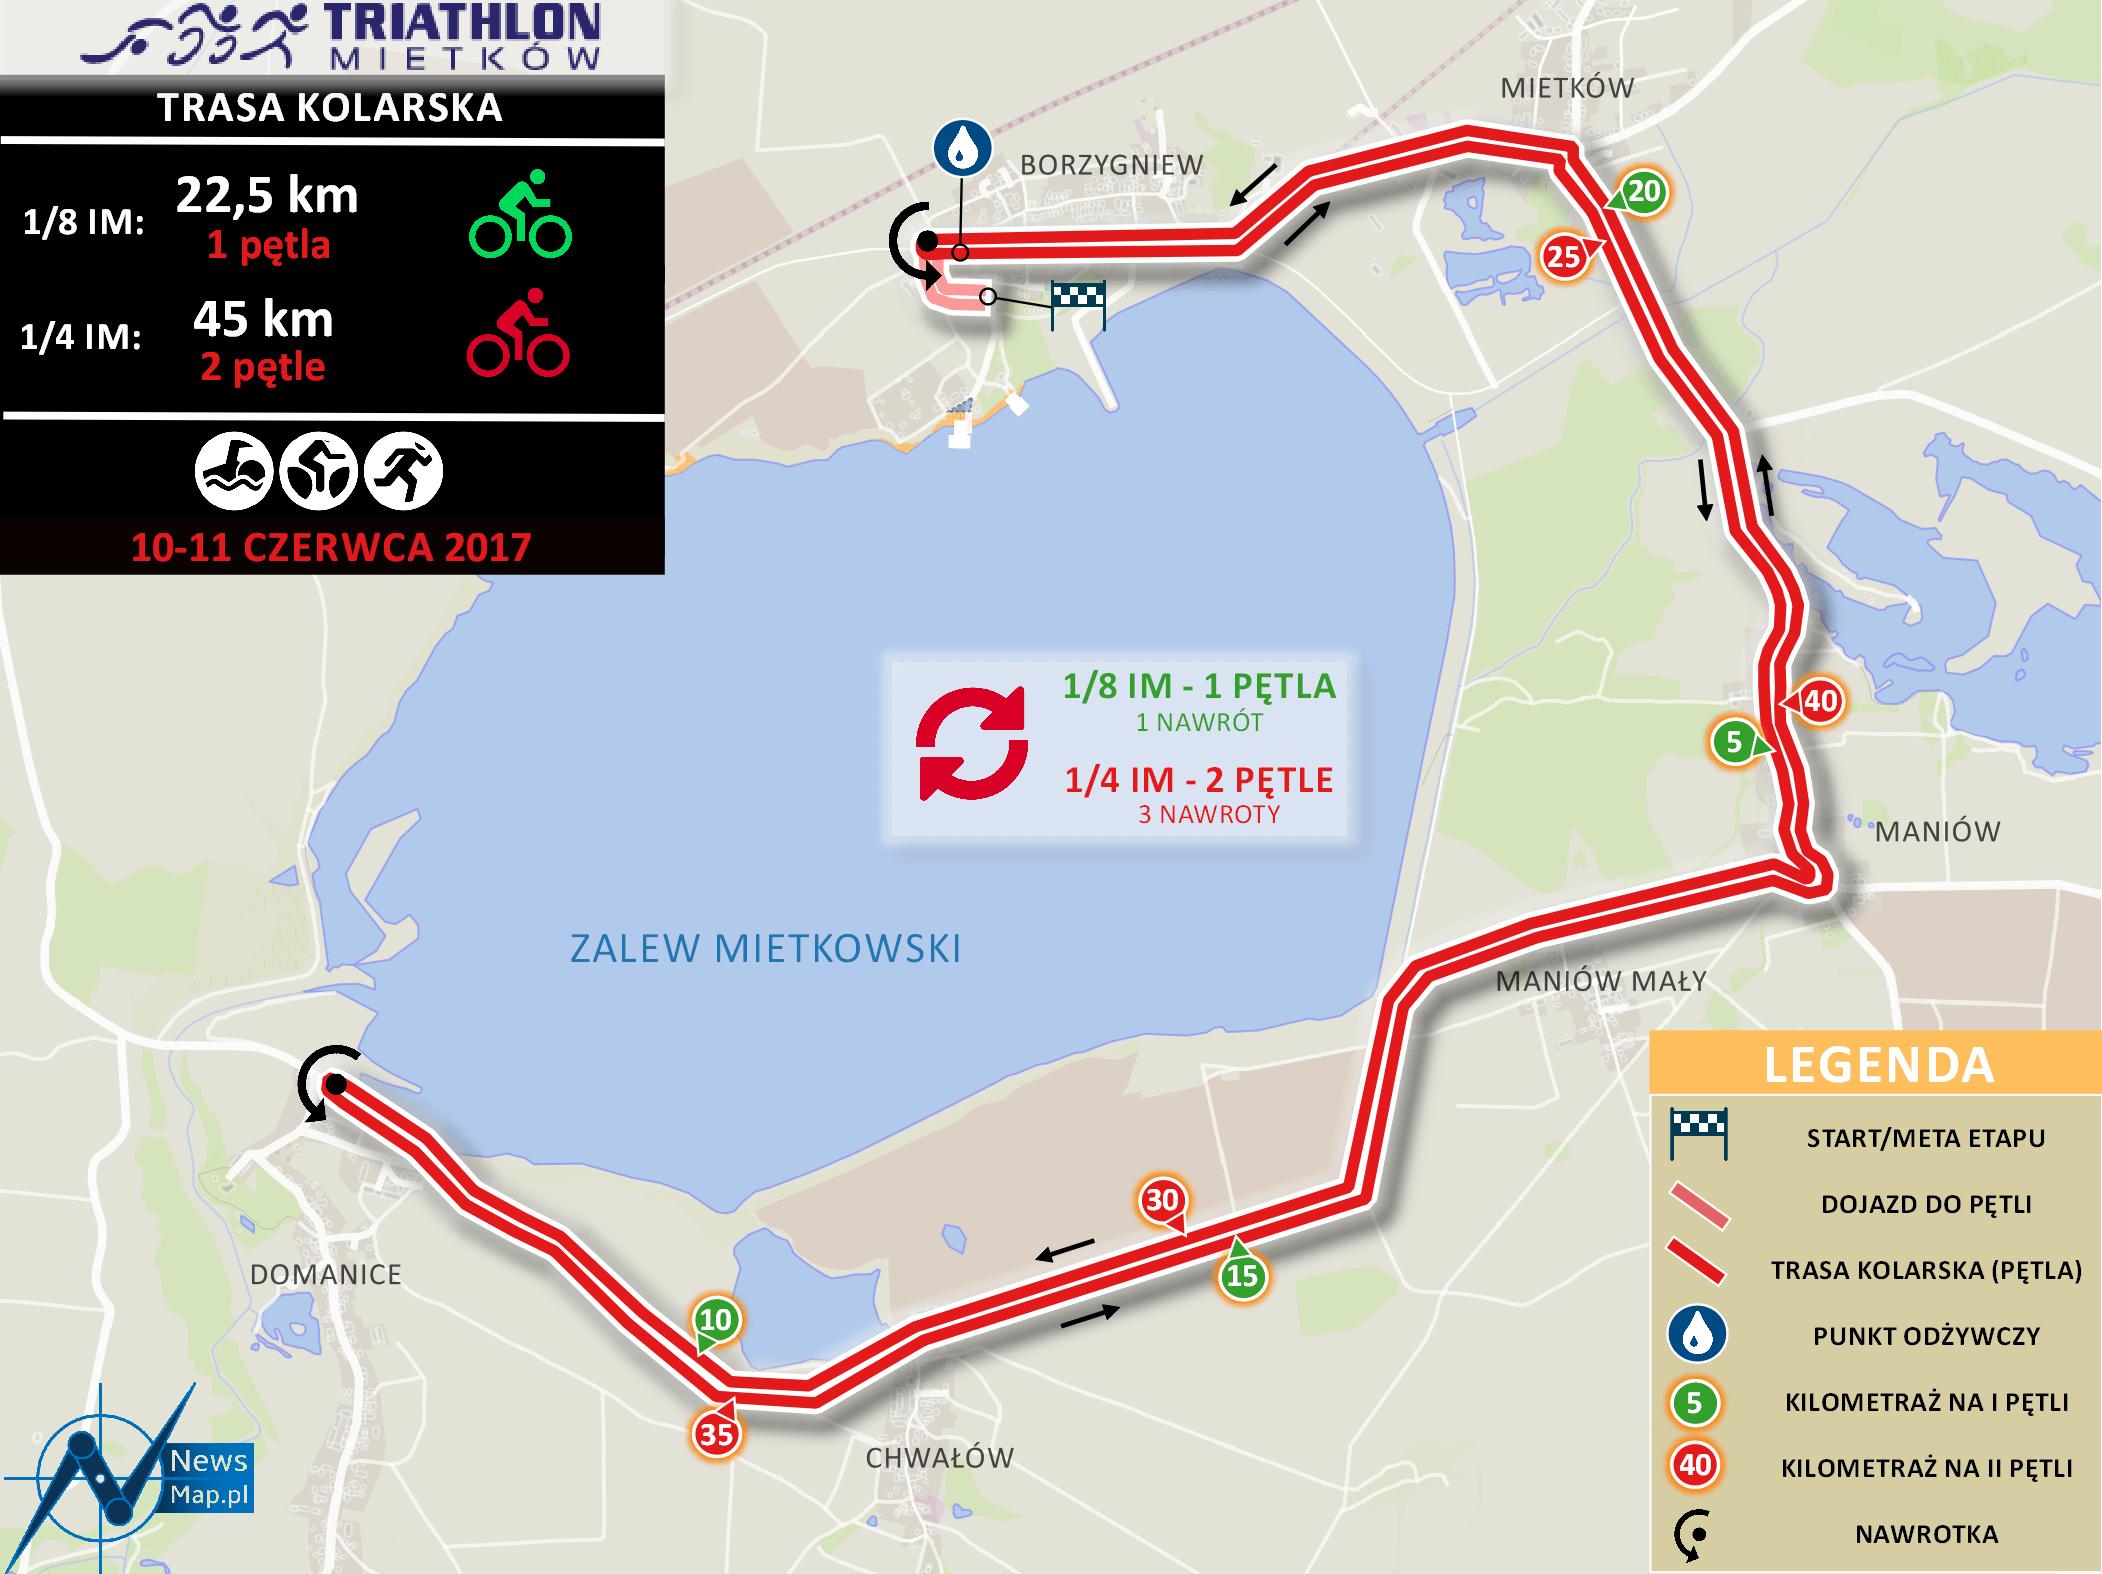 Triathlon Mietków - kolarstwo